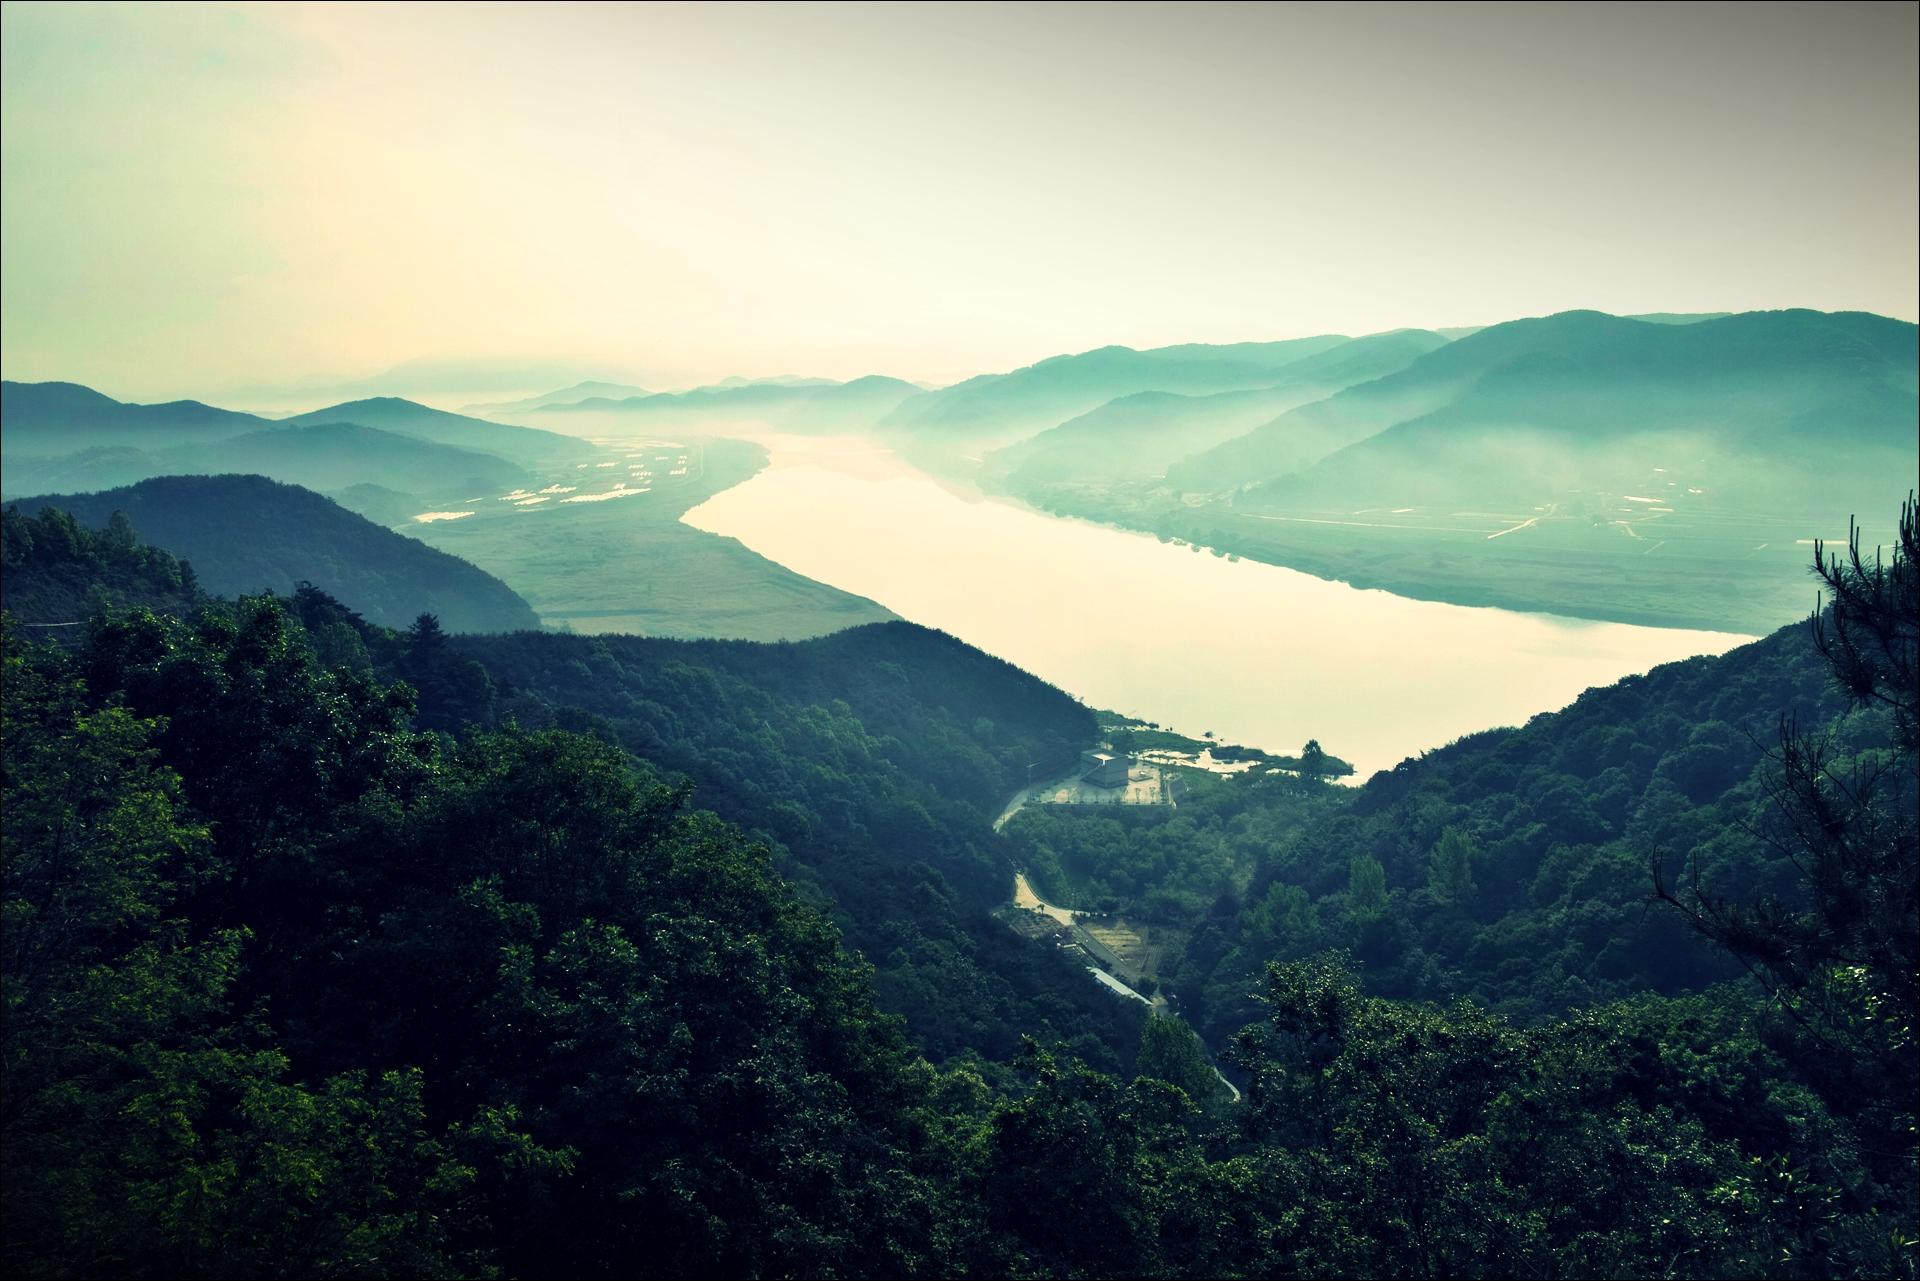 박진고개 풍경-'낙동강 자전거 종주여행'